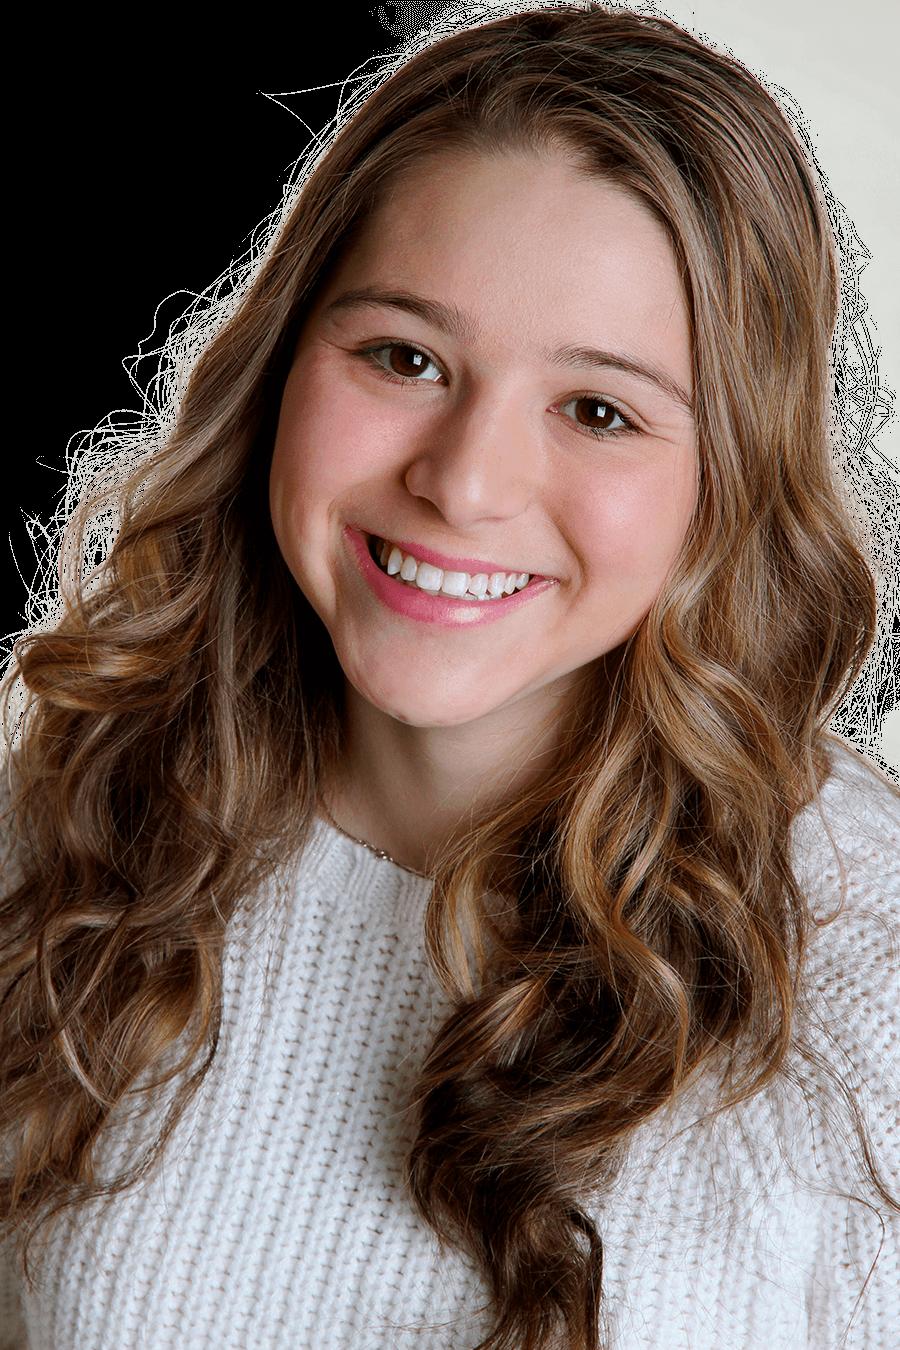 Rachel Doerrie